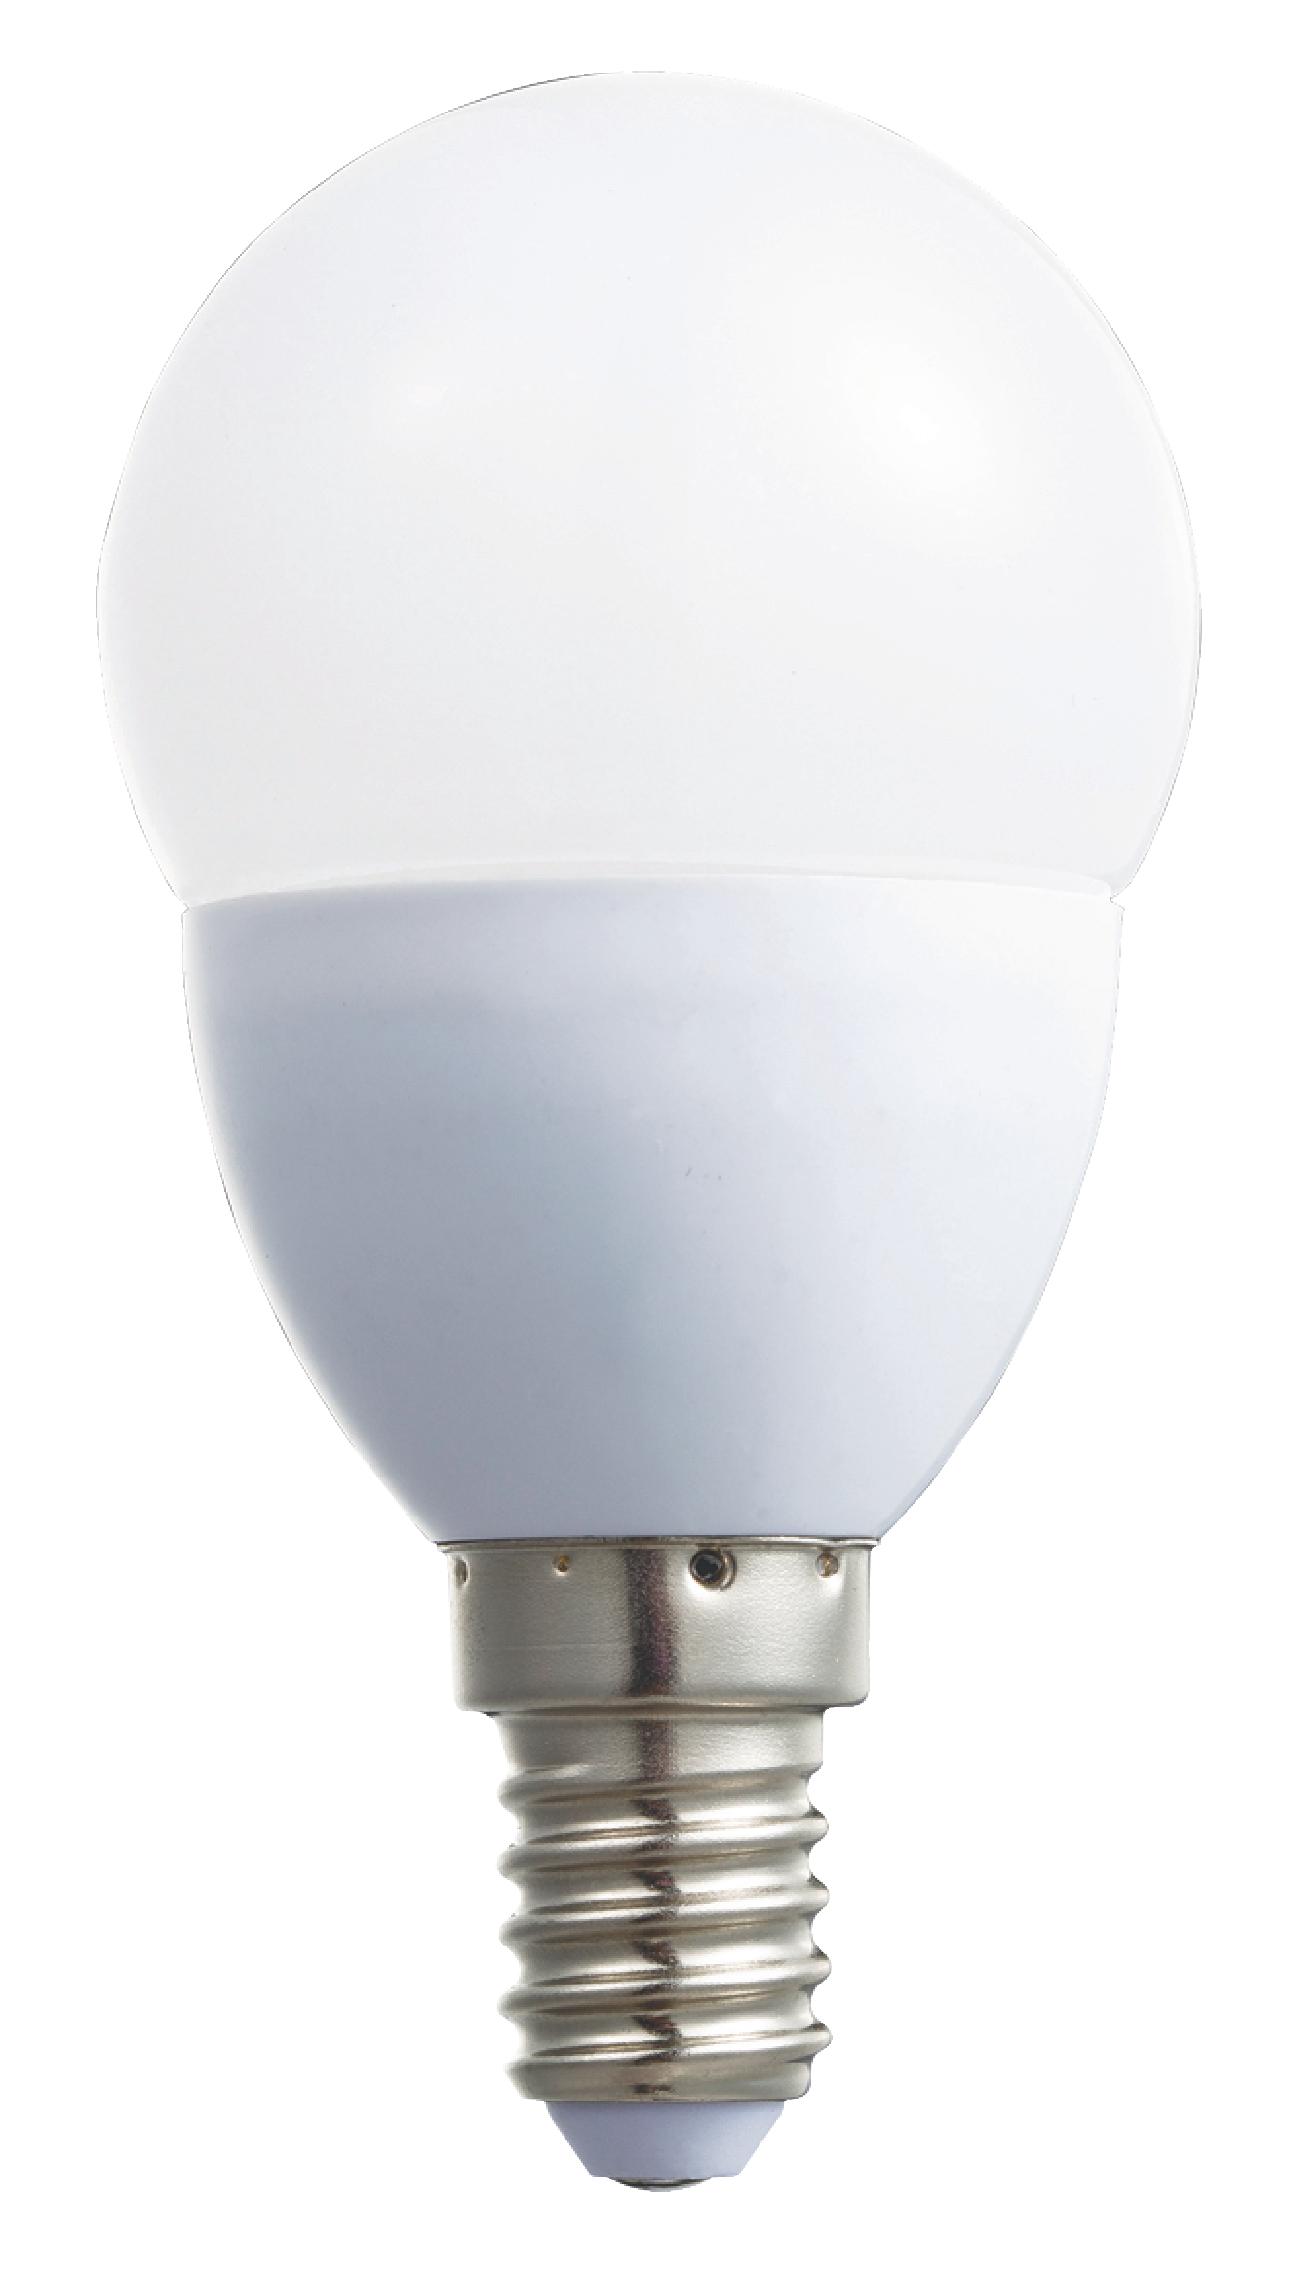 HQ LED žárovka Mini Globe E14 5.9W 470lm 2700K (HQLE14MINI003)